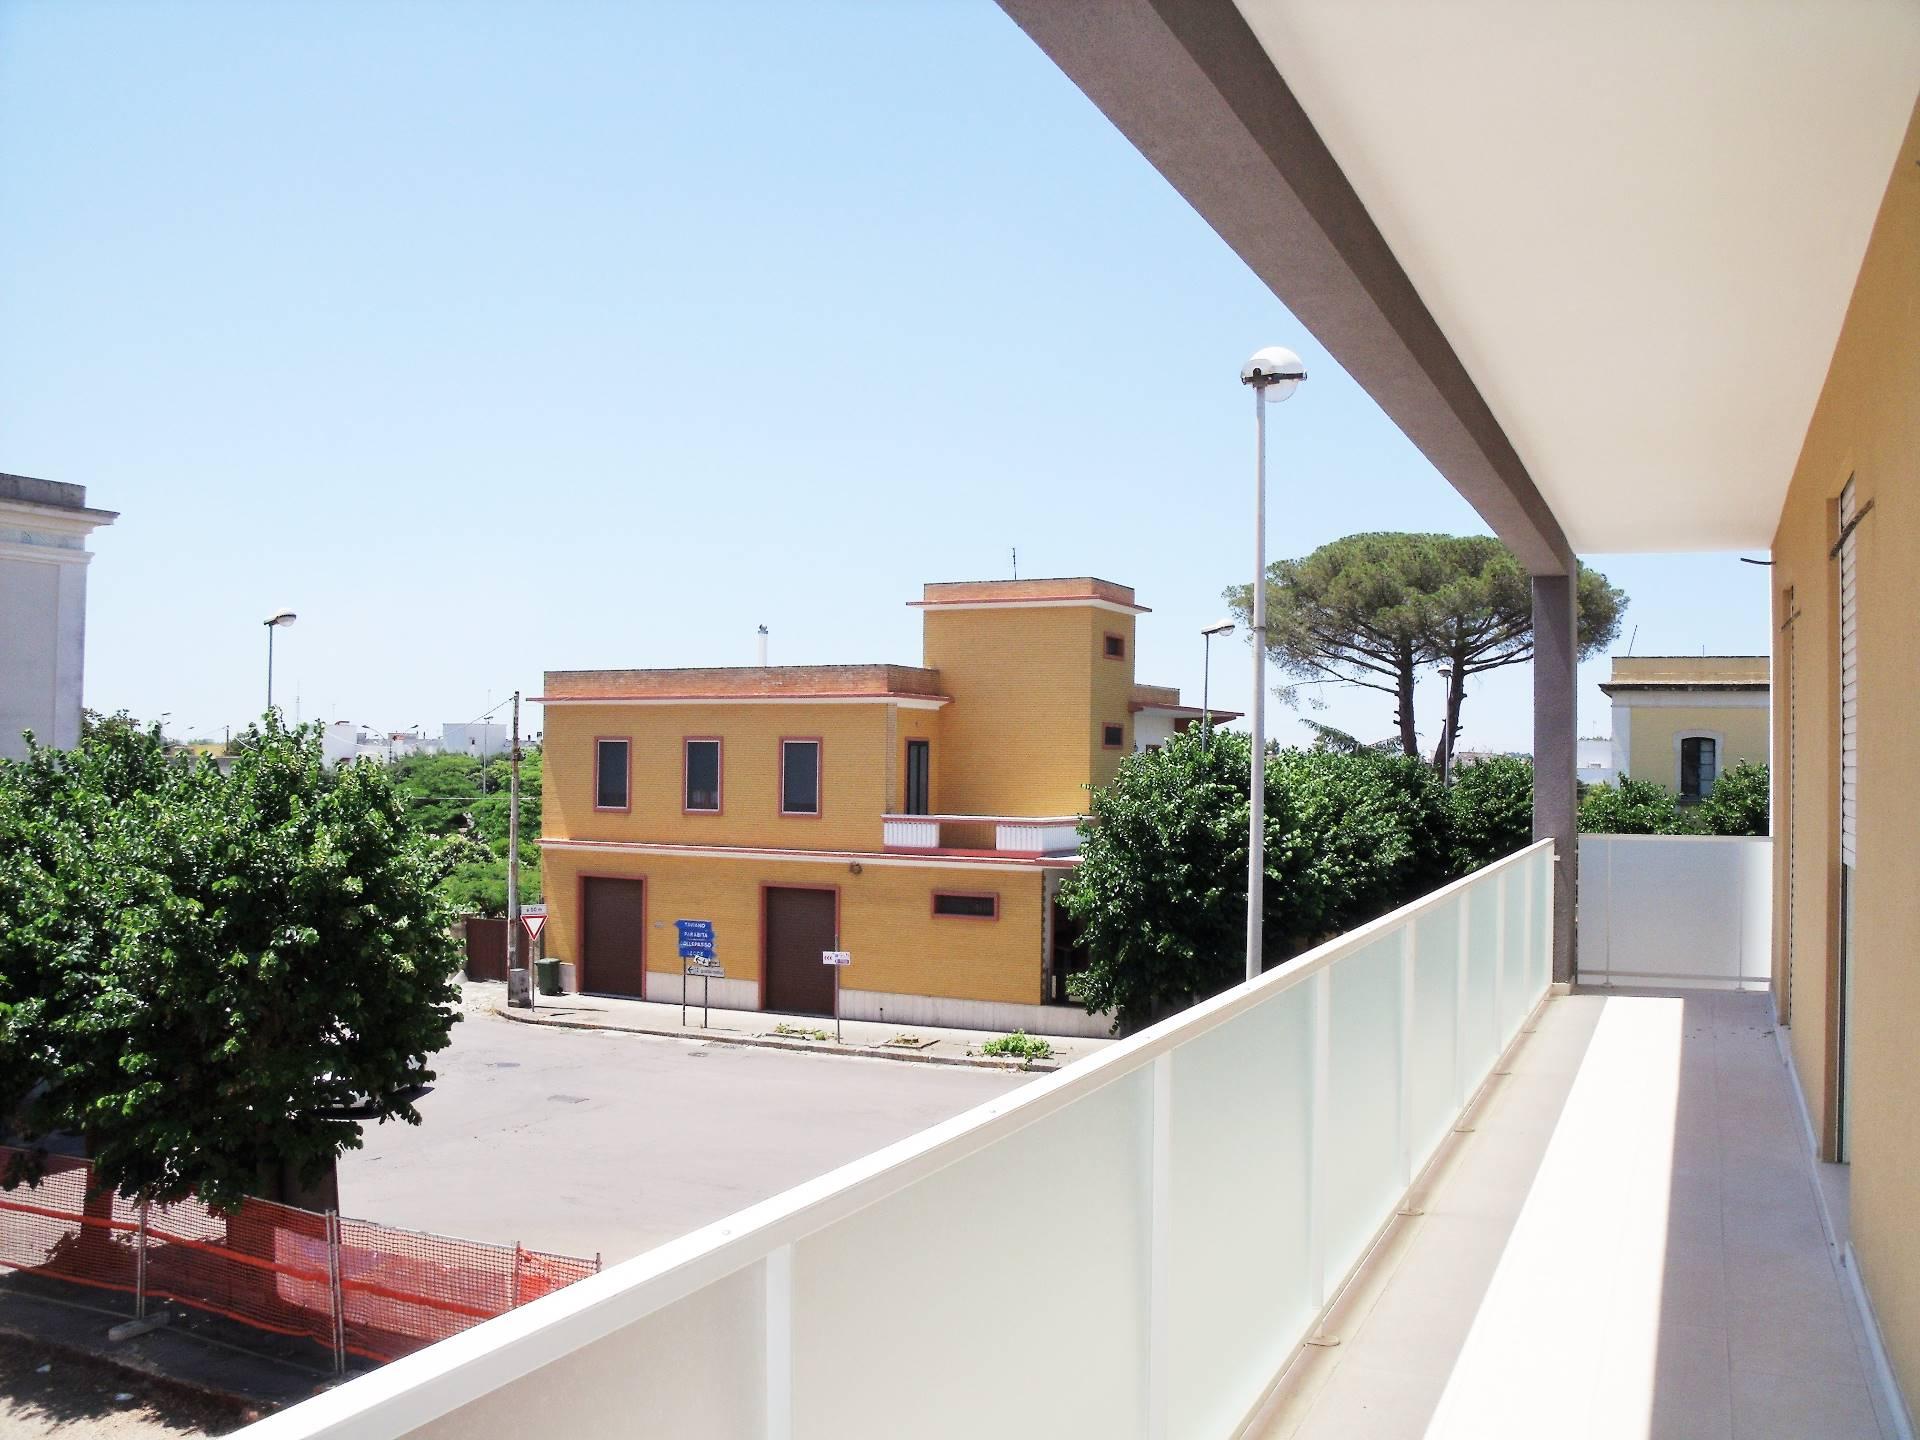 Appartamento in vendita a Matino, 5 locali, prezzo € 110.000 | Cambio Casa.it